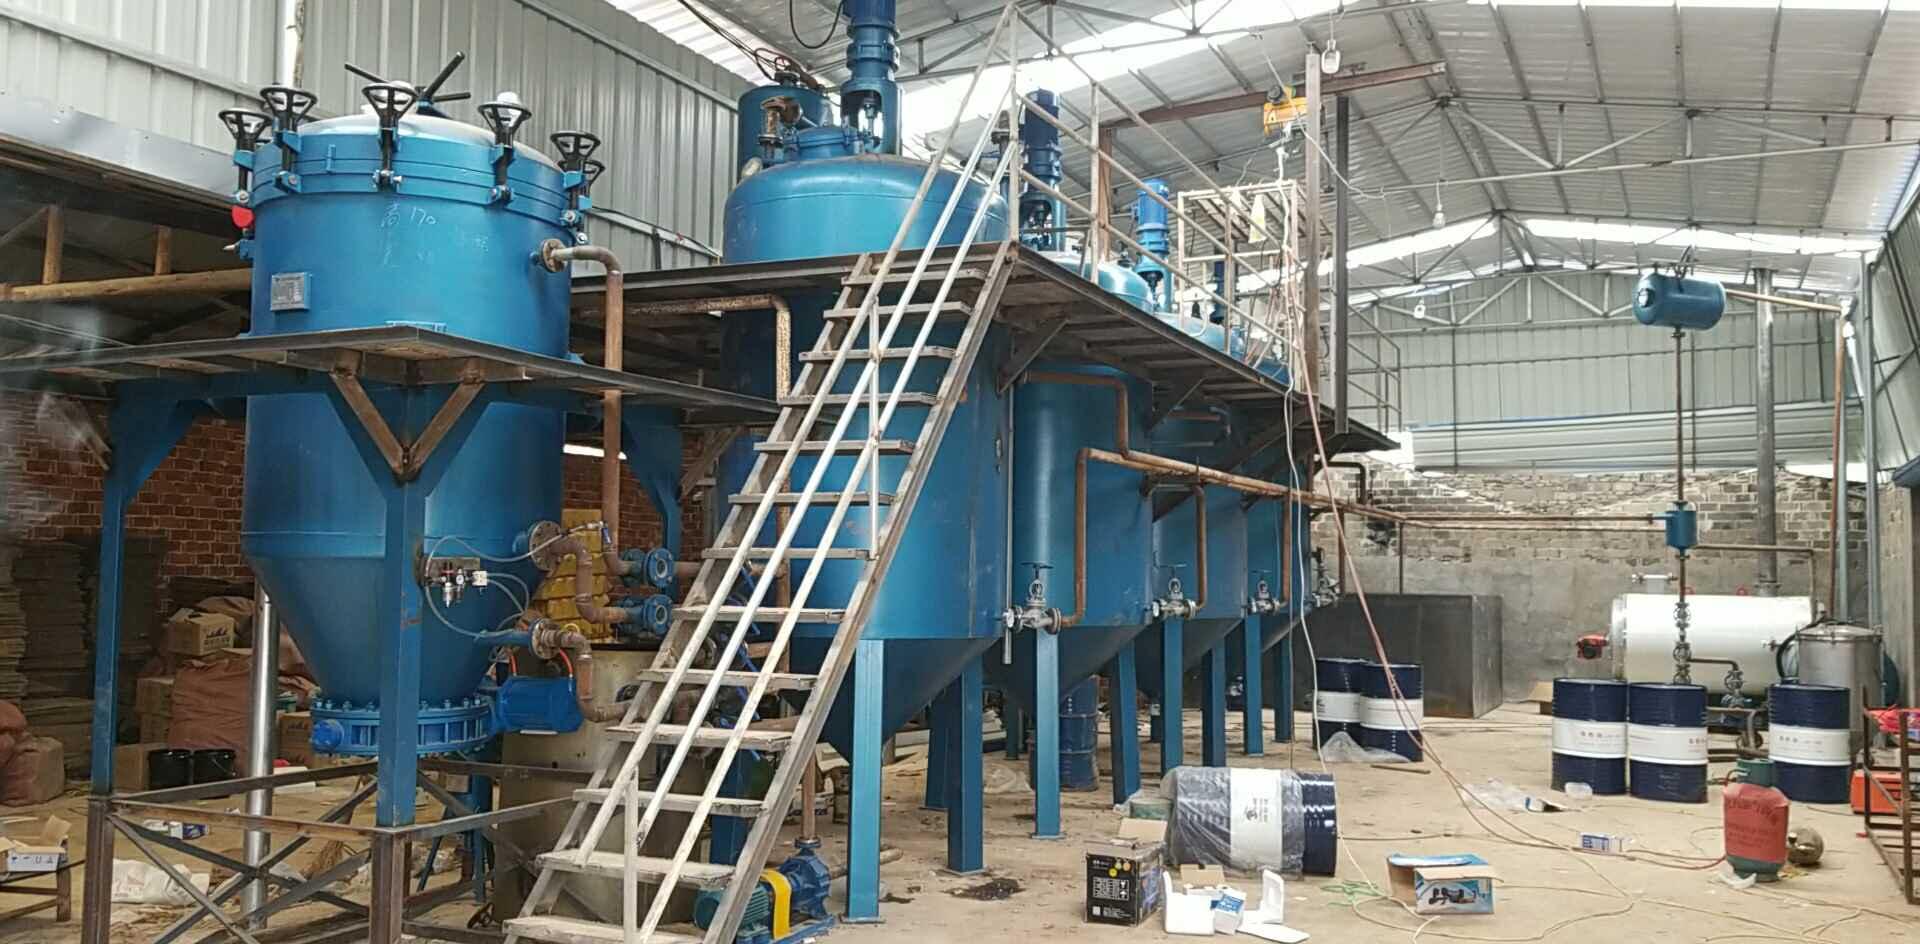 废机油过滤设备   废机油脱色设备   废机油炼油设备